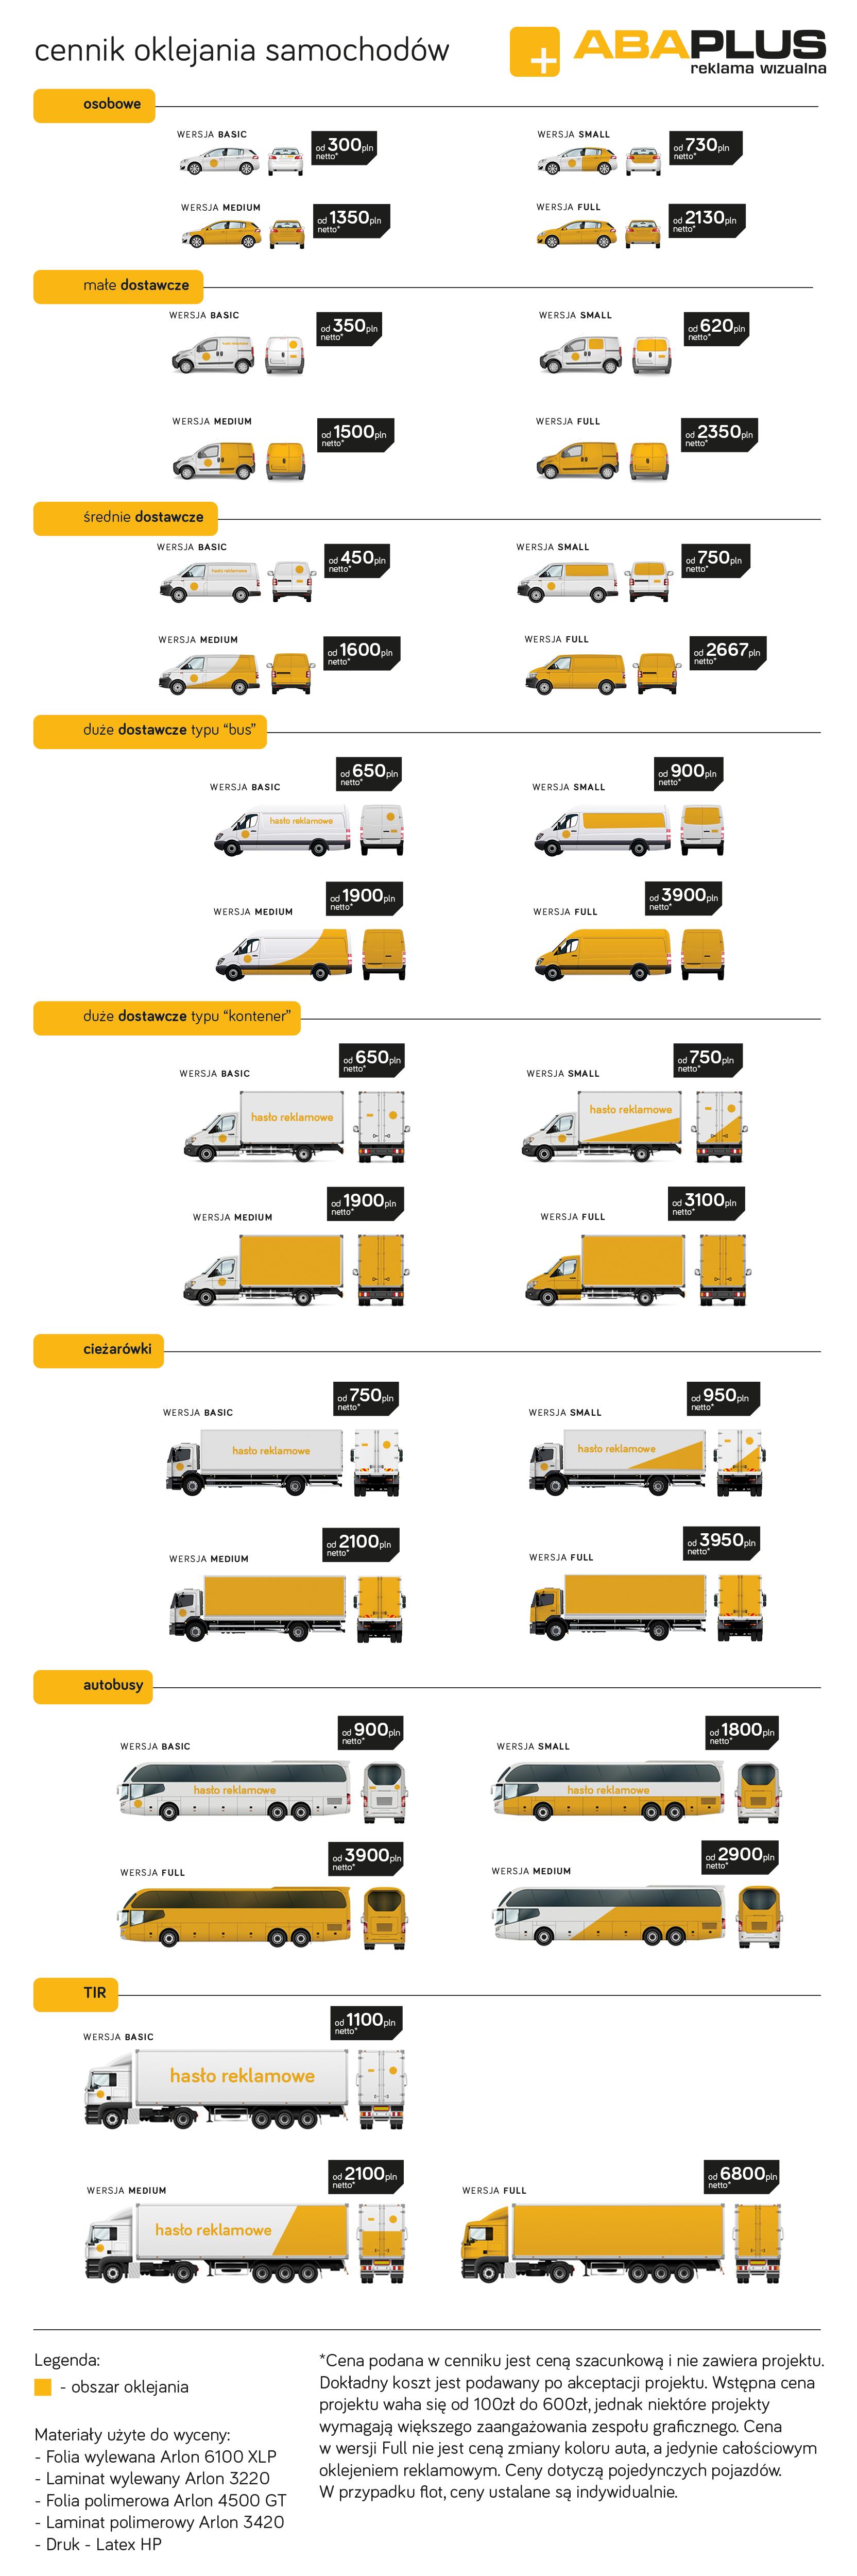 Cennik oklejania samochodów ABA PLUS